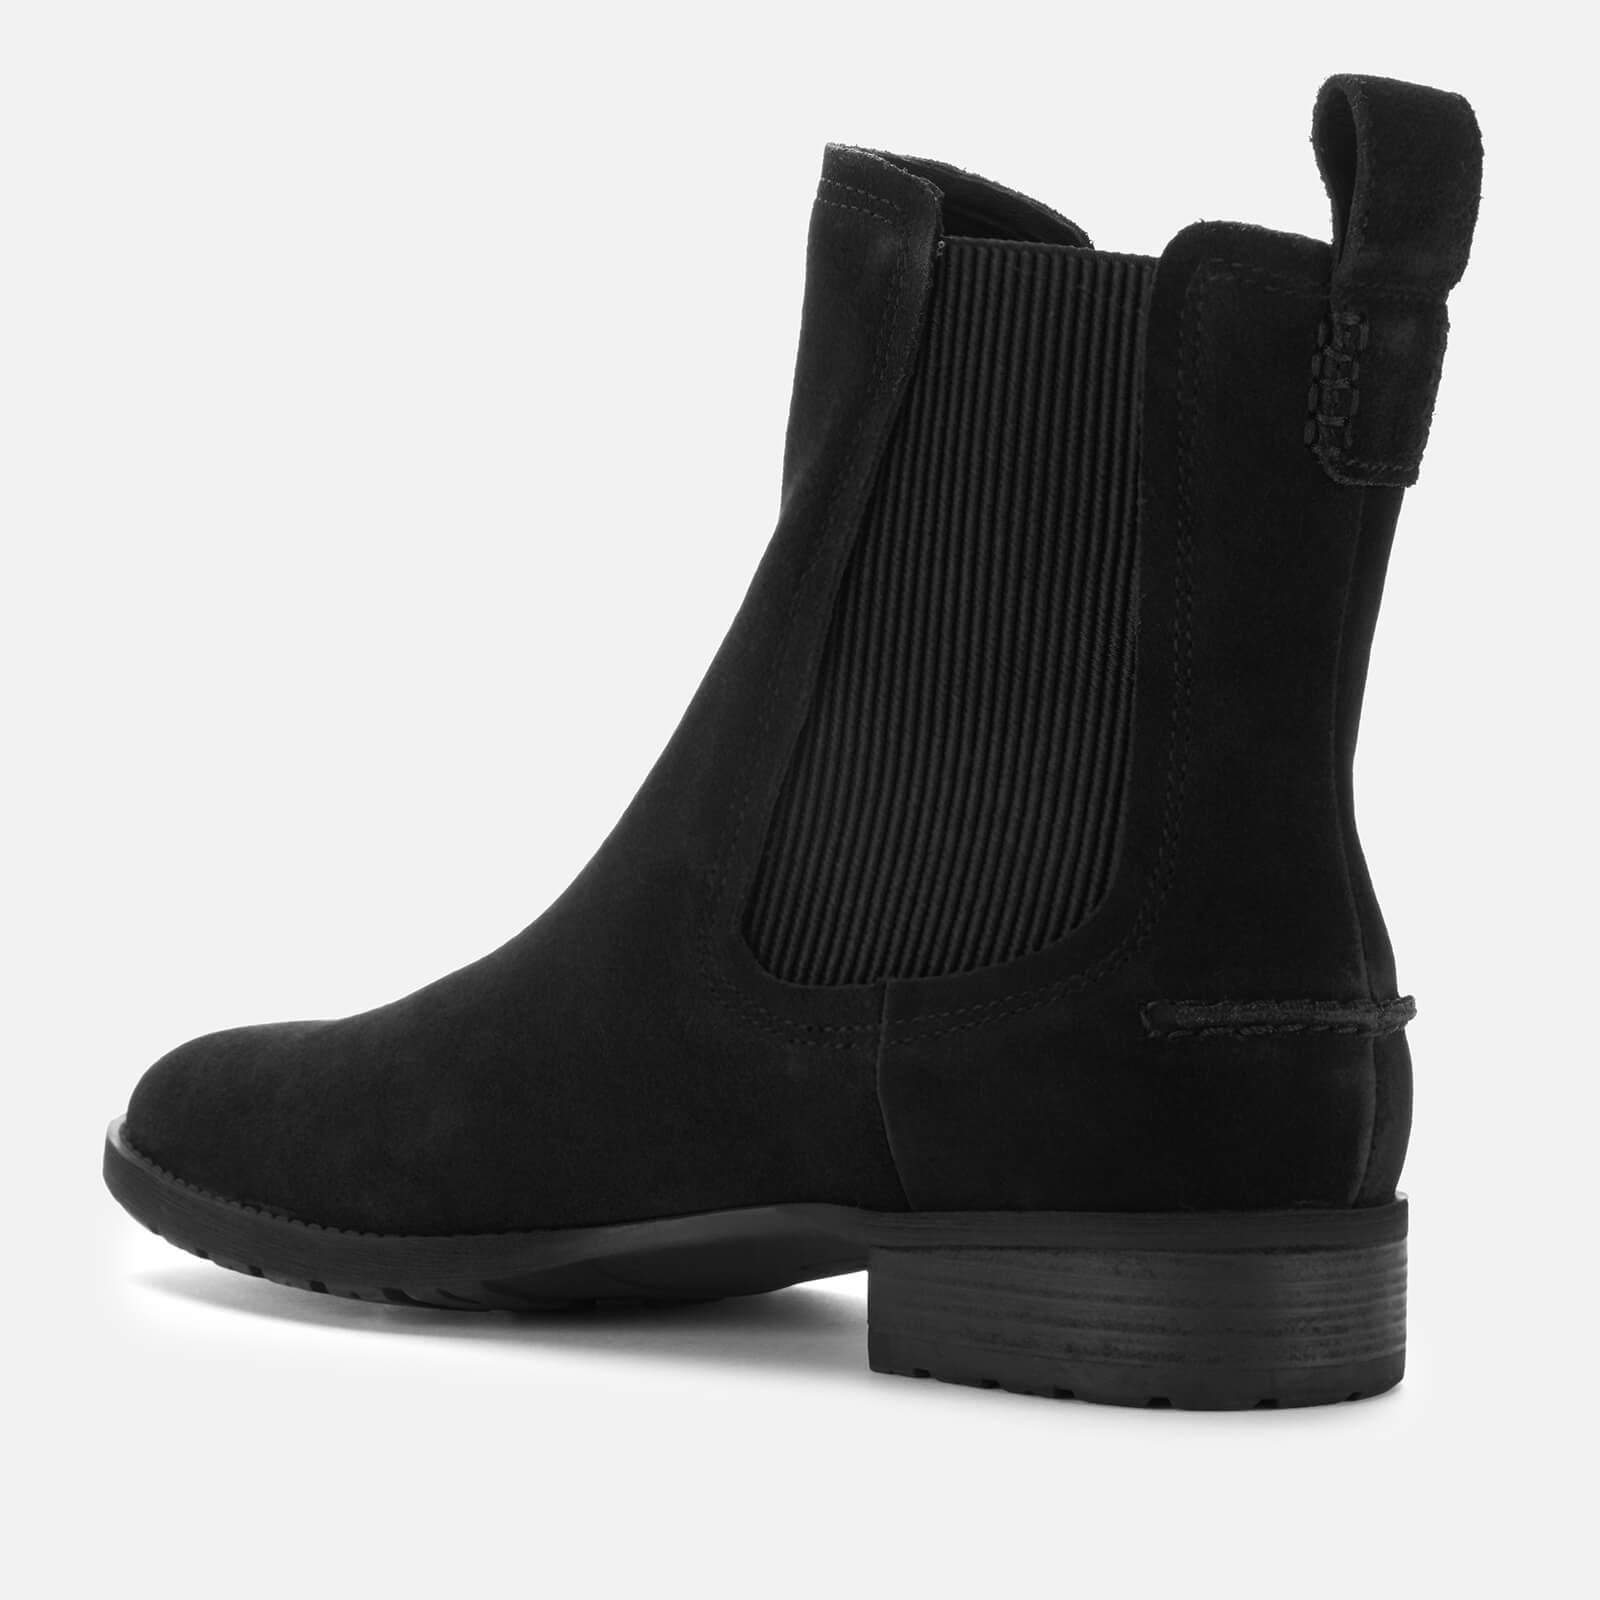 Ugg Women's Hillhurst Ii Chelsea Boots - Black - Uk 4